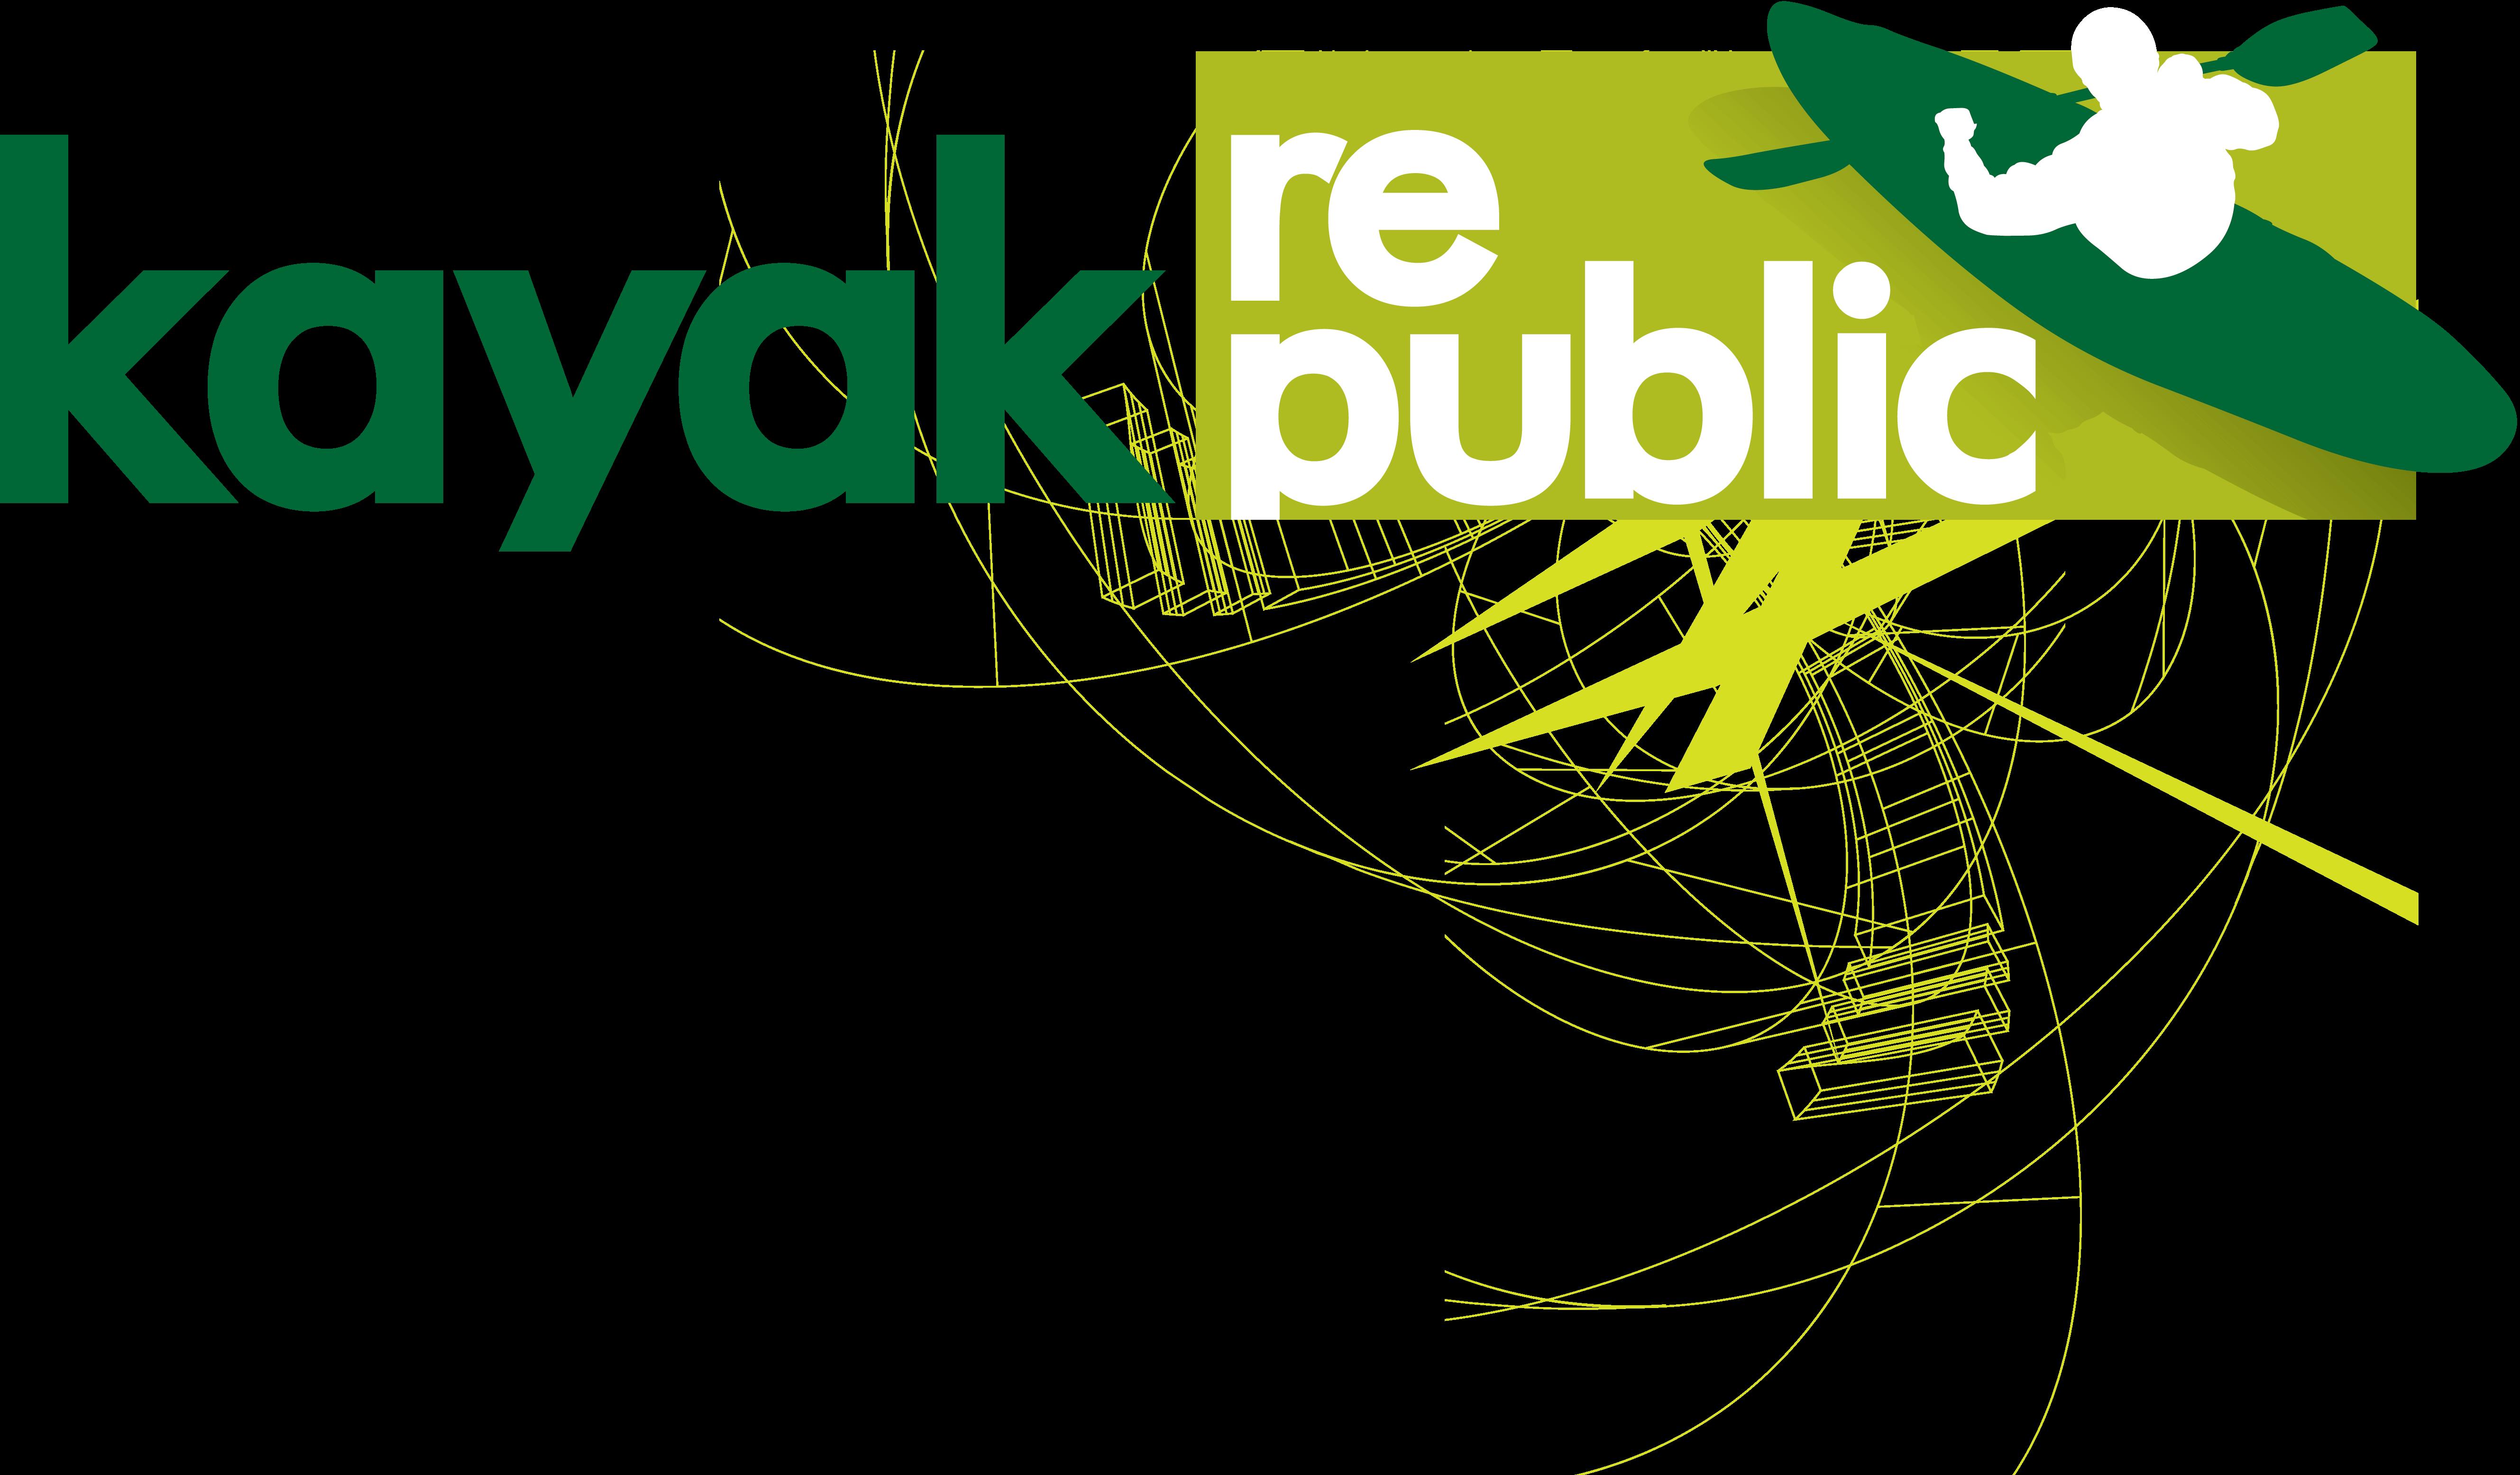 Kayak Rebuplic